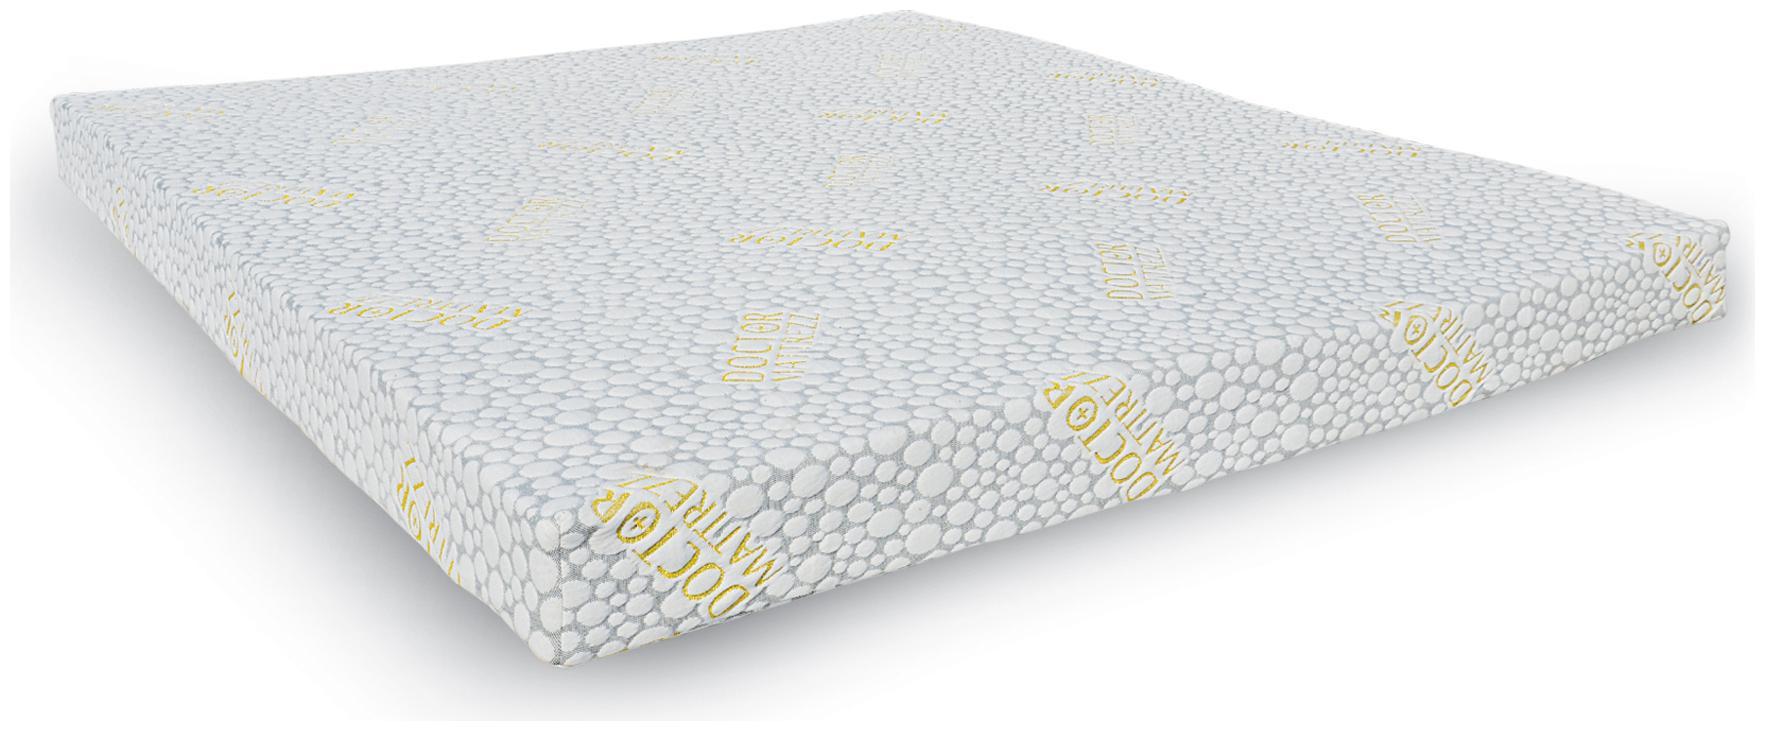 Doctor Mattrezz 5 inch Foam Queen Size Mattress by Gilson Mattresses